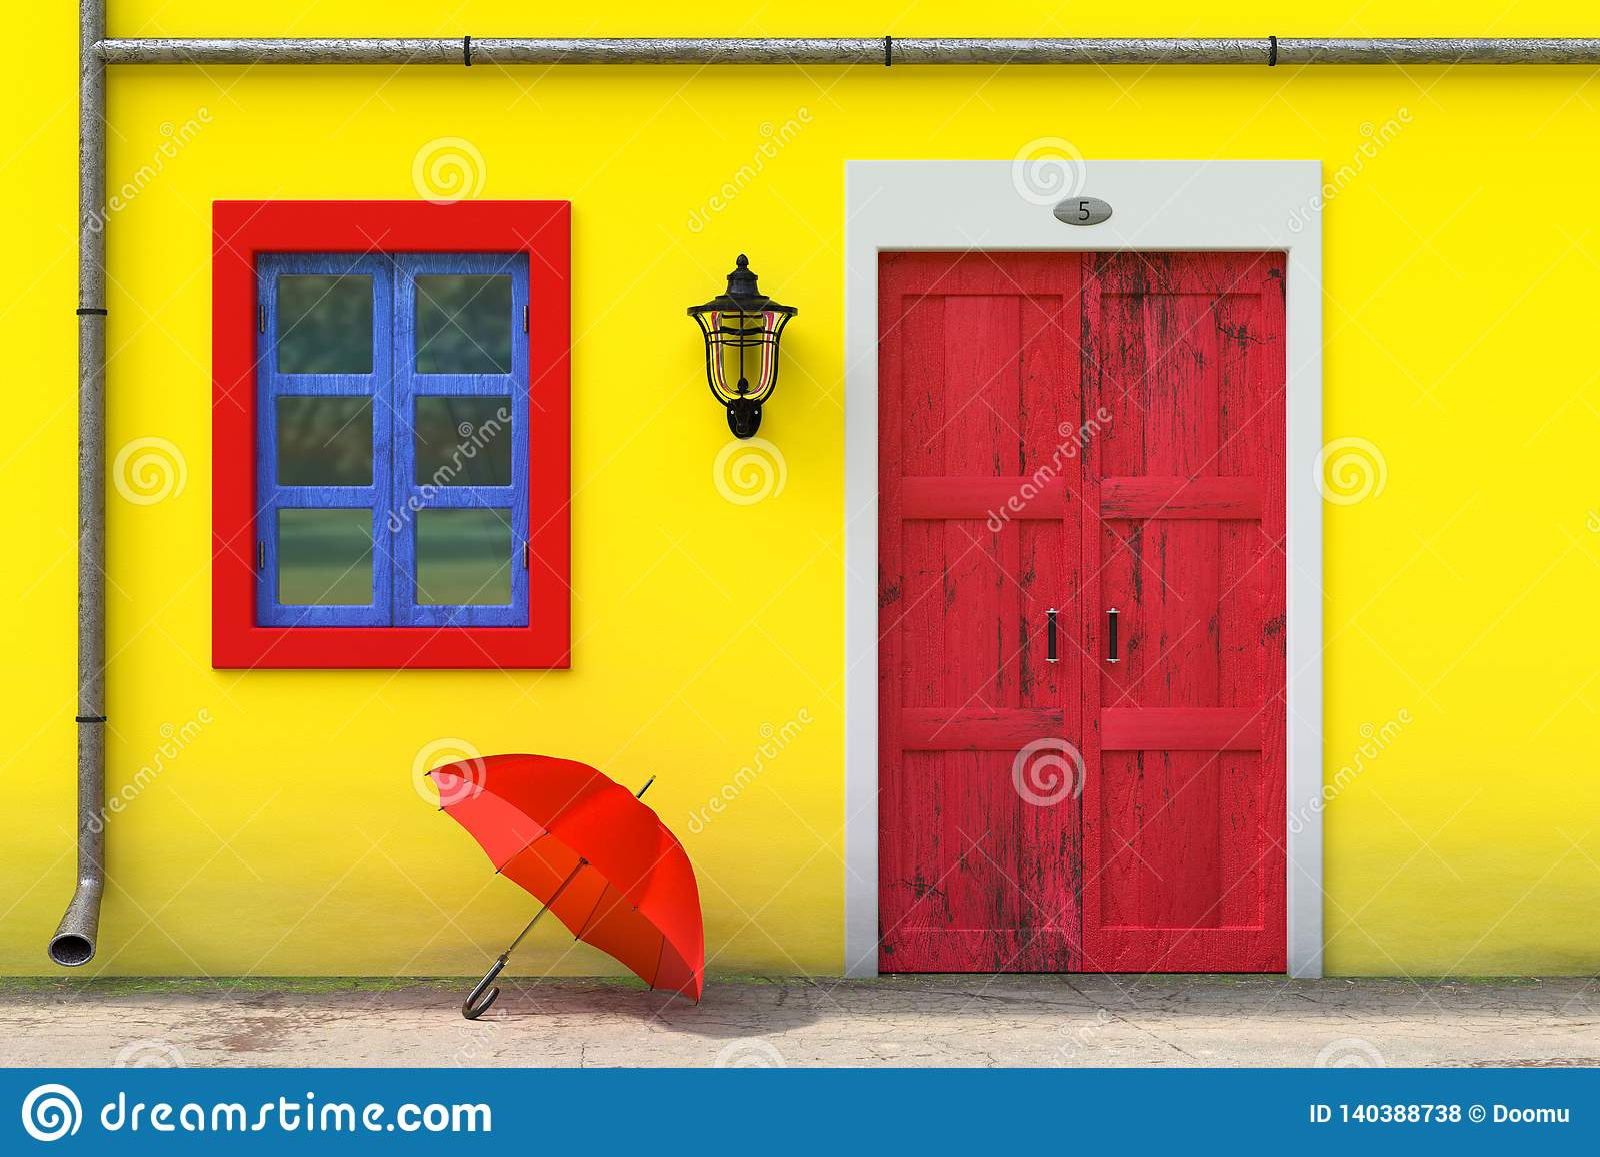 Красный зонтик перед ретро винтажным европейским жилищным строительством с желтой стеной, красной дверью и голубым Windows, сцено